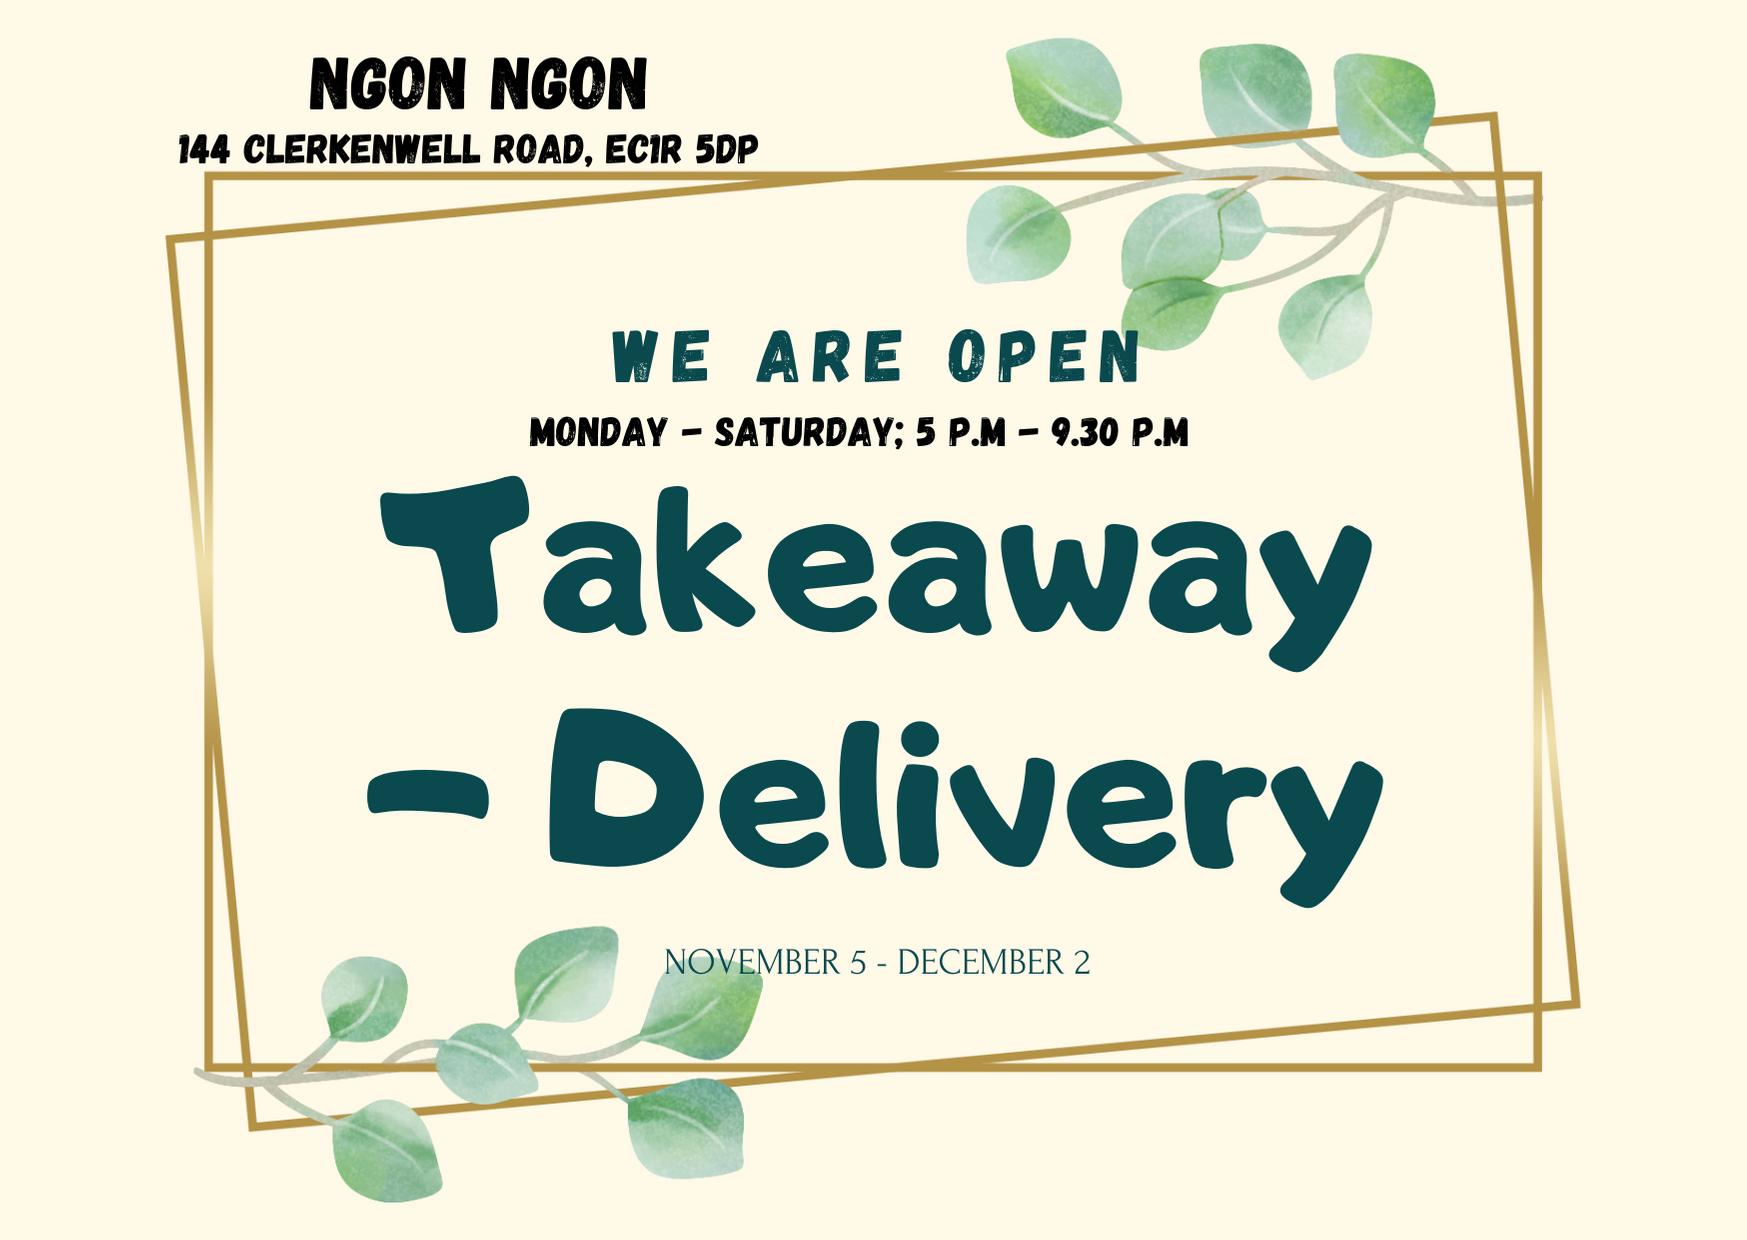 Ngon Ngon's November Opening Hours